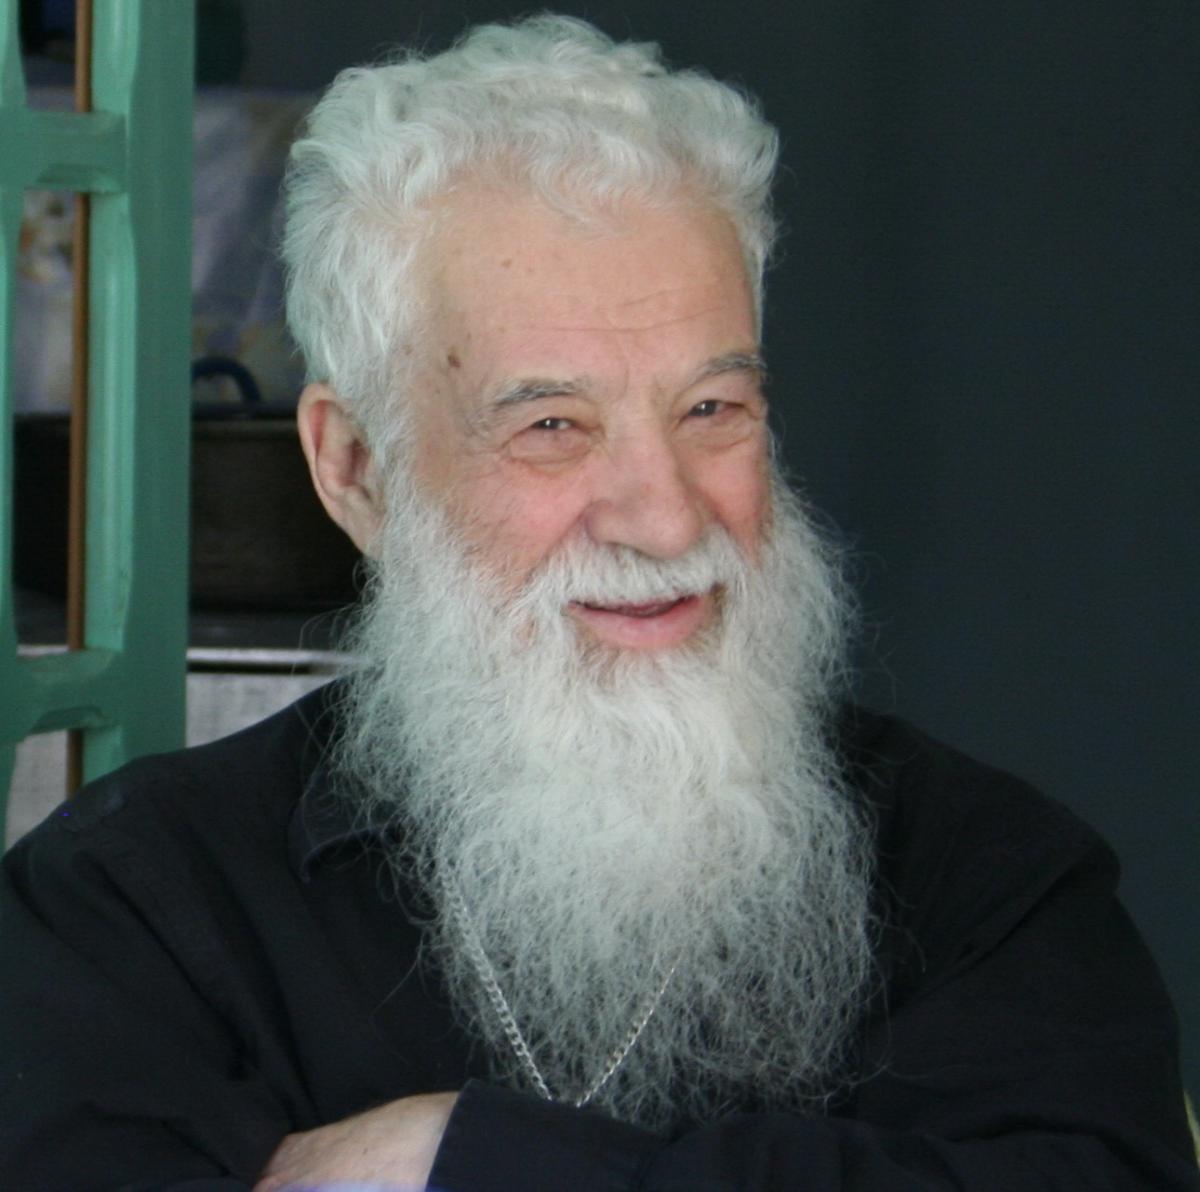 Preot Gheorghe Calciu Dumitreasa - un model de luptător pentru adevăr şi  credinţă   Parohia Căueşti